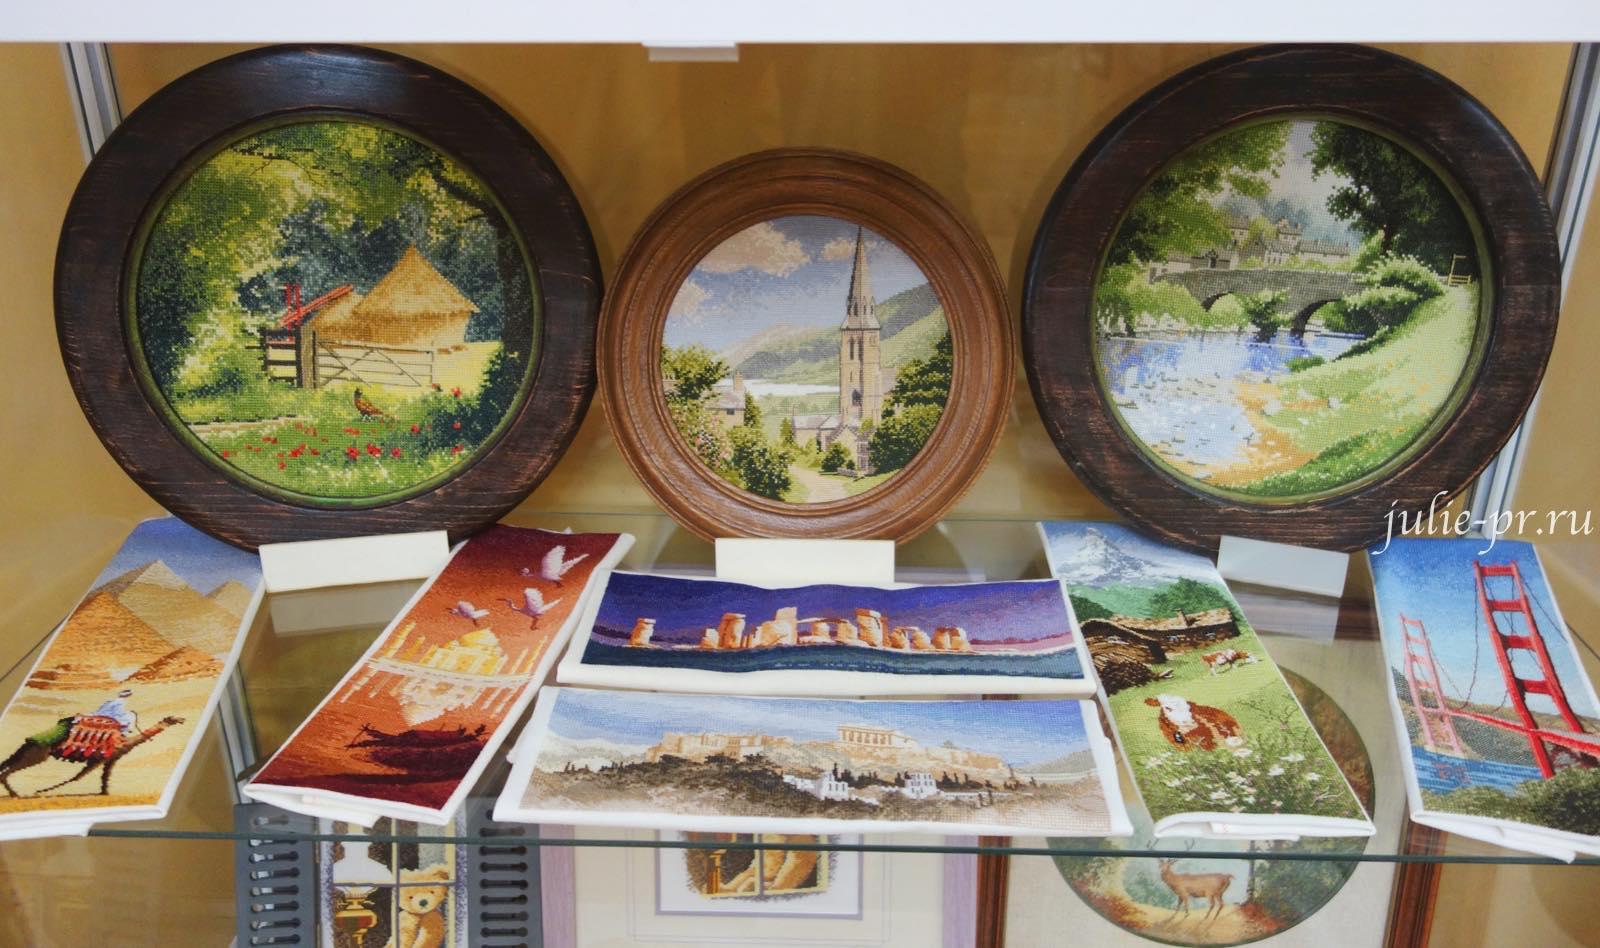 Lakeside village, круги Клейтона, панорама, интернациональная серия, международная коллекция, вышивка крестом, Heritage, John Clayton, выставка Грани Джона Клейтона